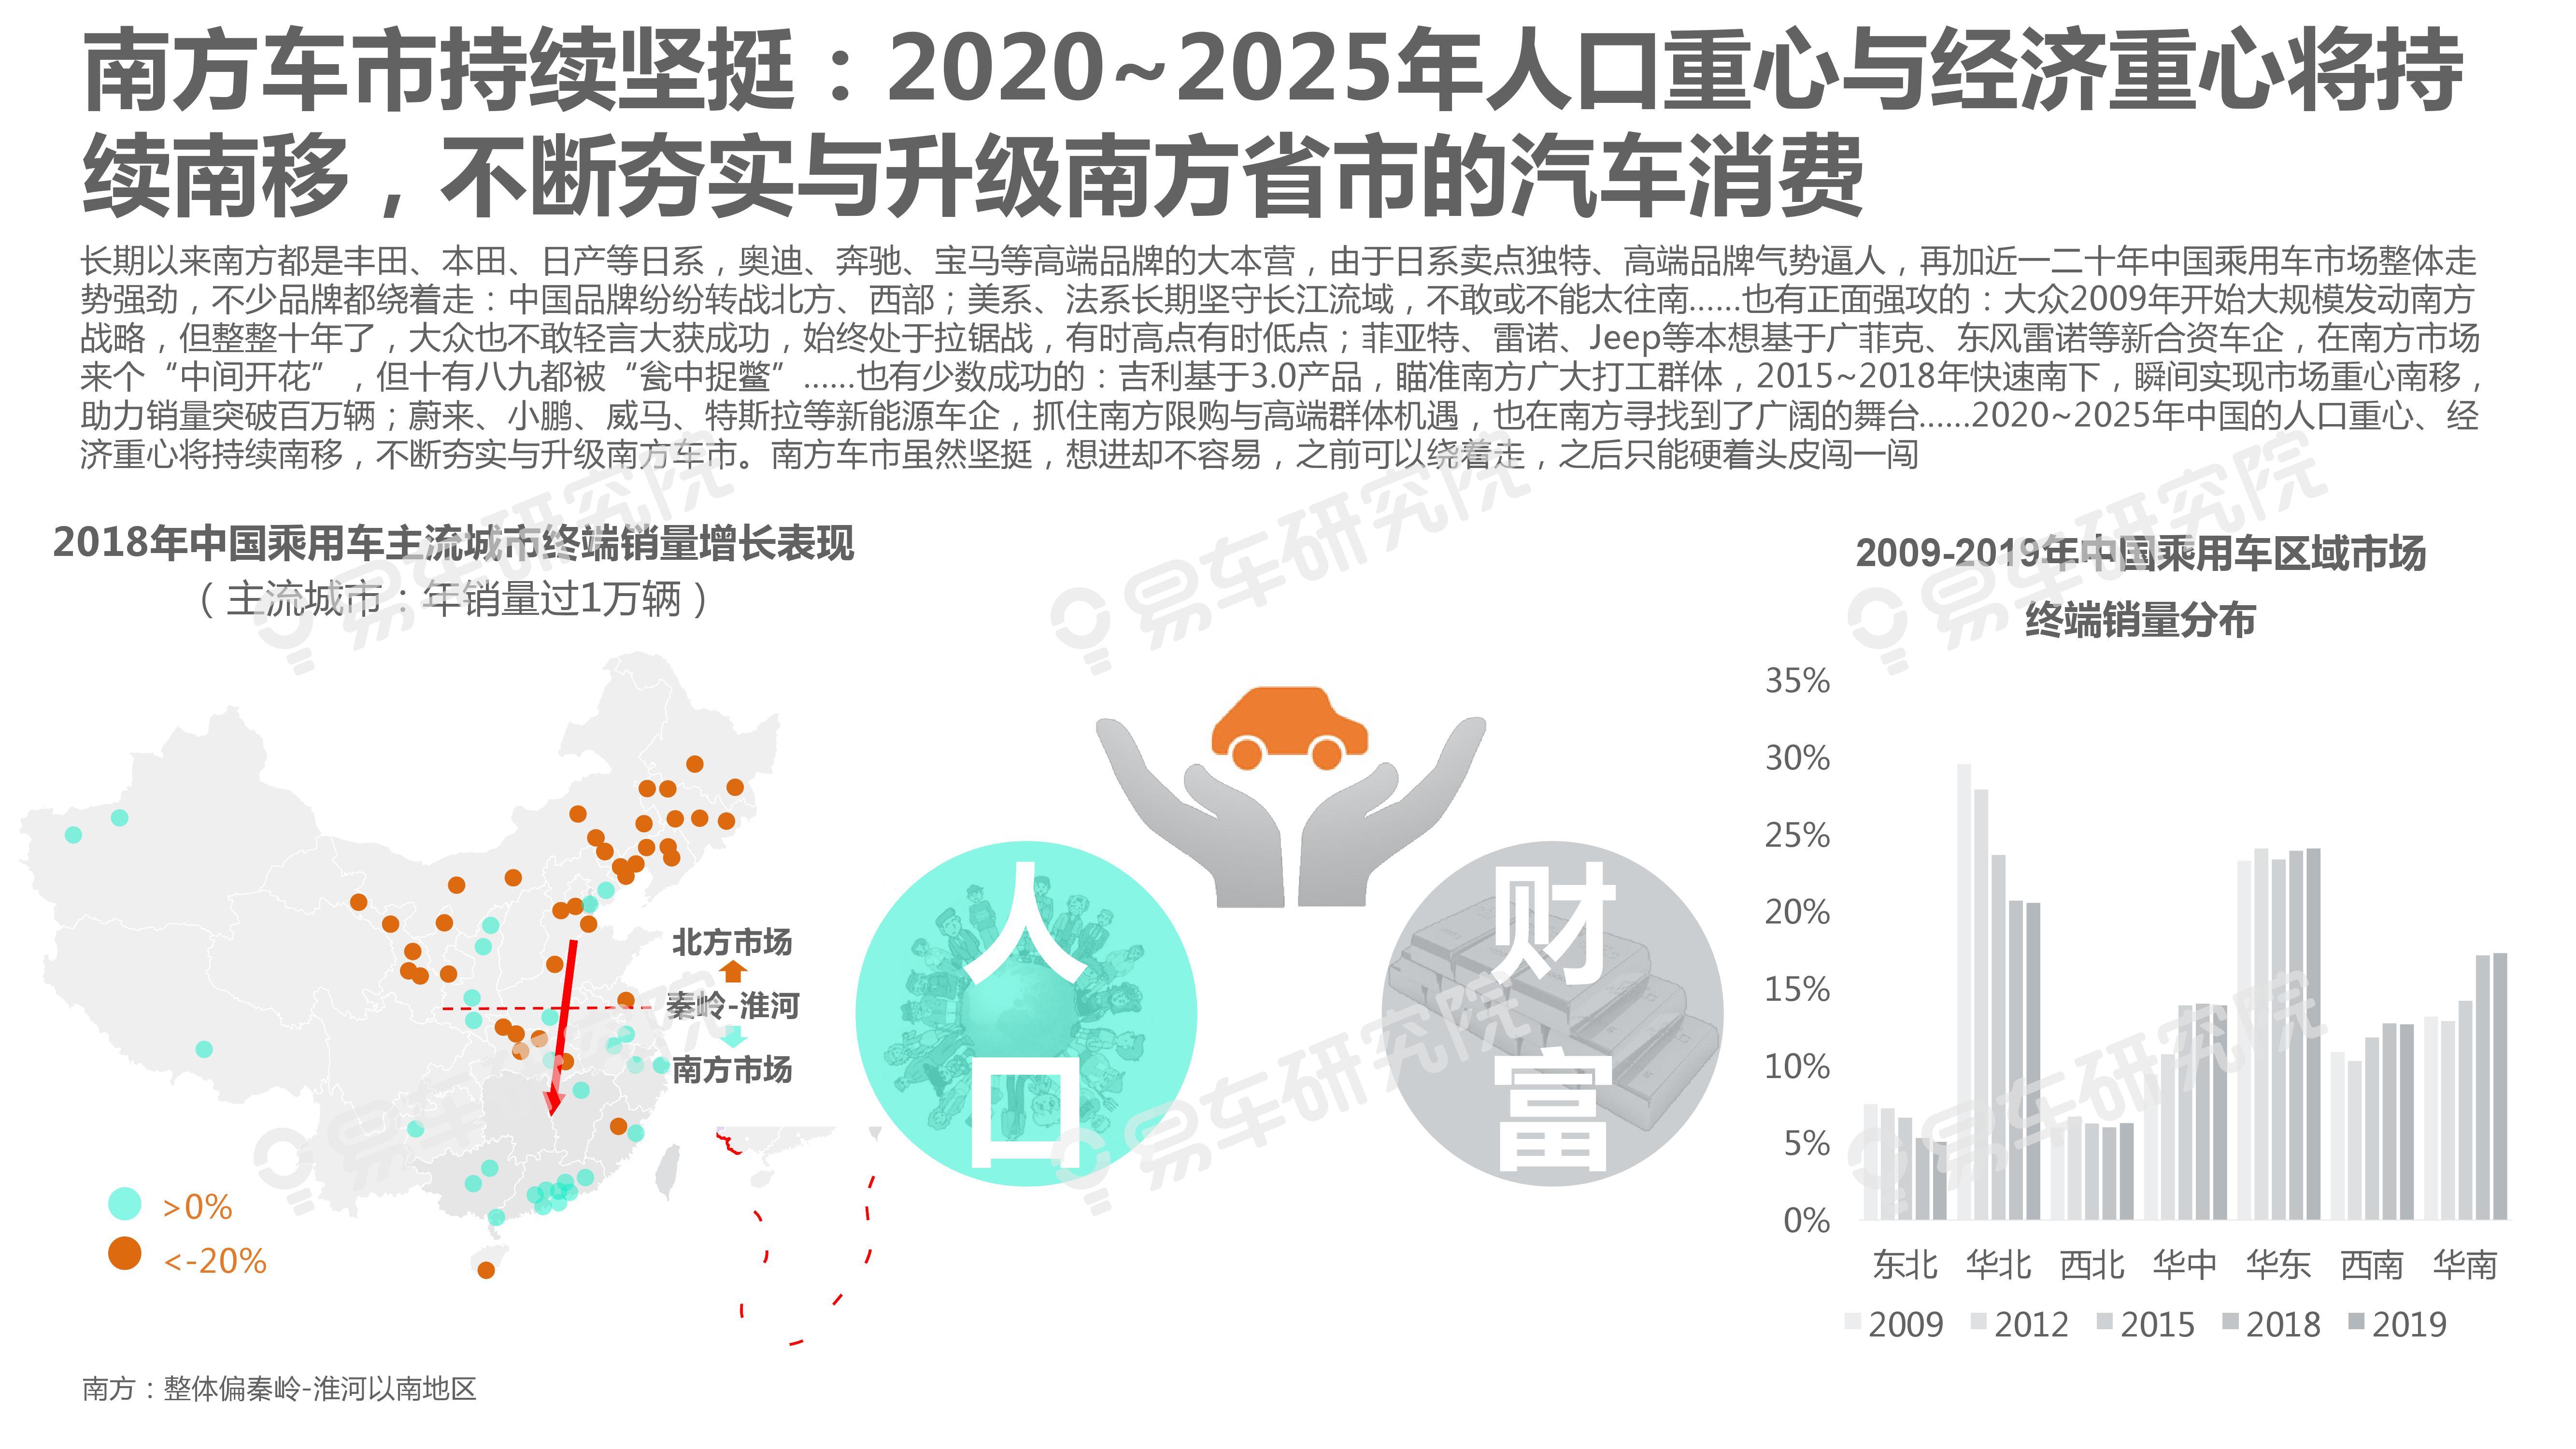 """2020-2025年城市:区域洞察报告—车企急需构建""""战略矩阵""""(可下载报告)插图(21)"""